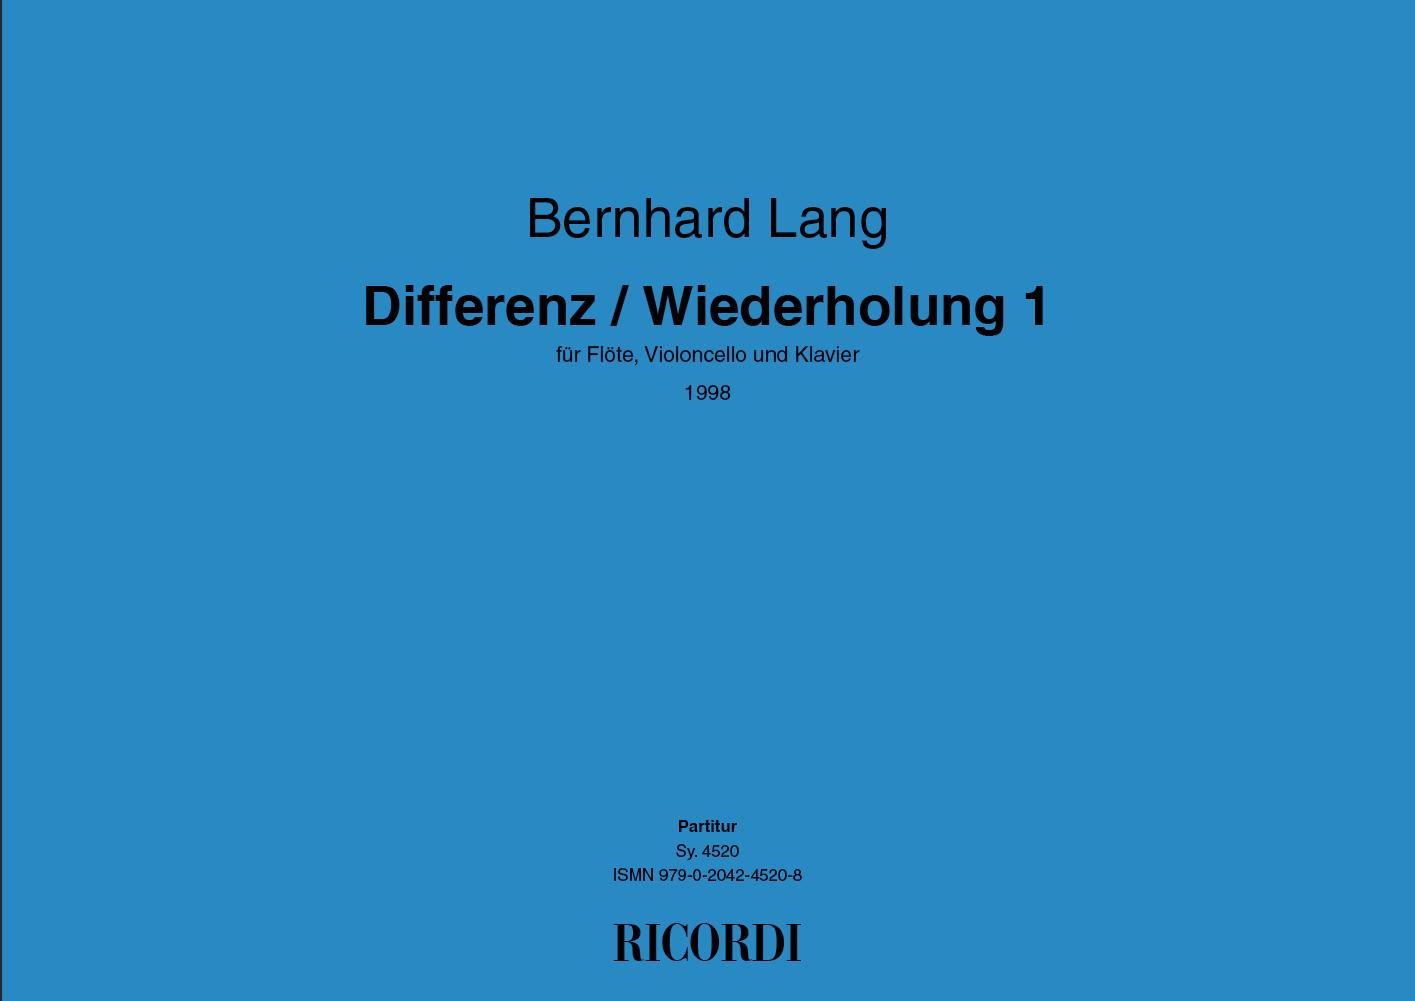 Bernhard Lang: Differenz / Wiederholung 1: Ensemble: Instrumental Work